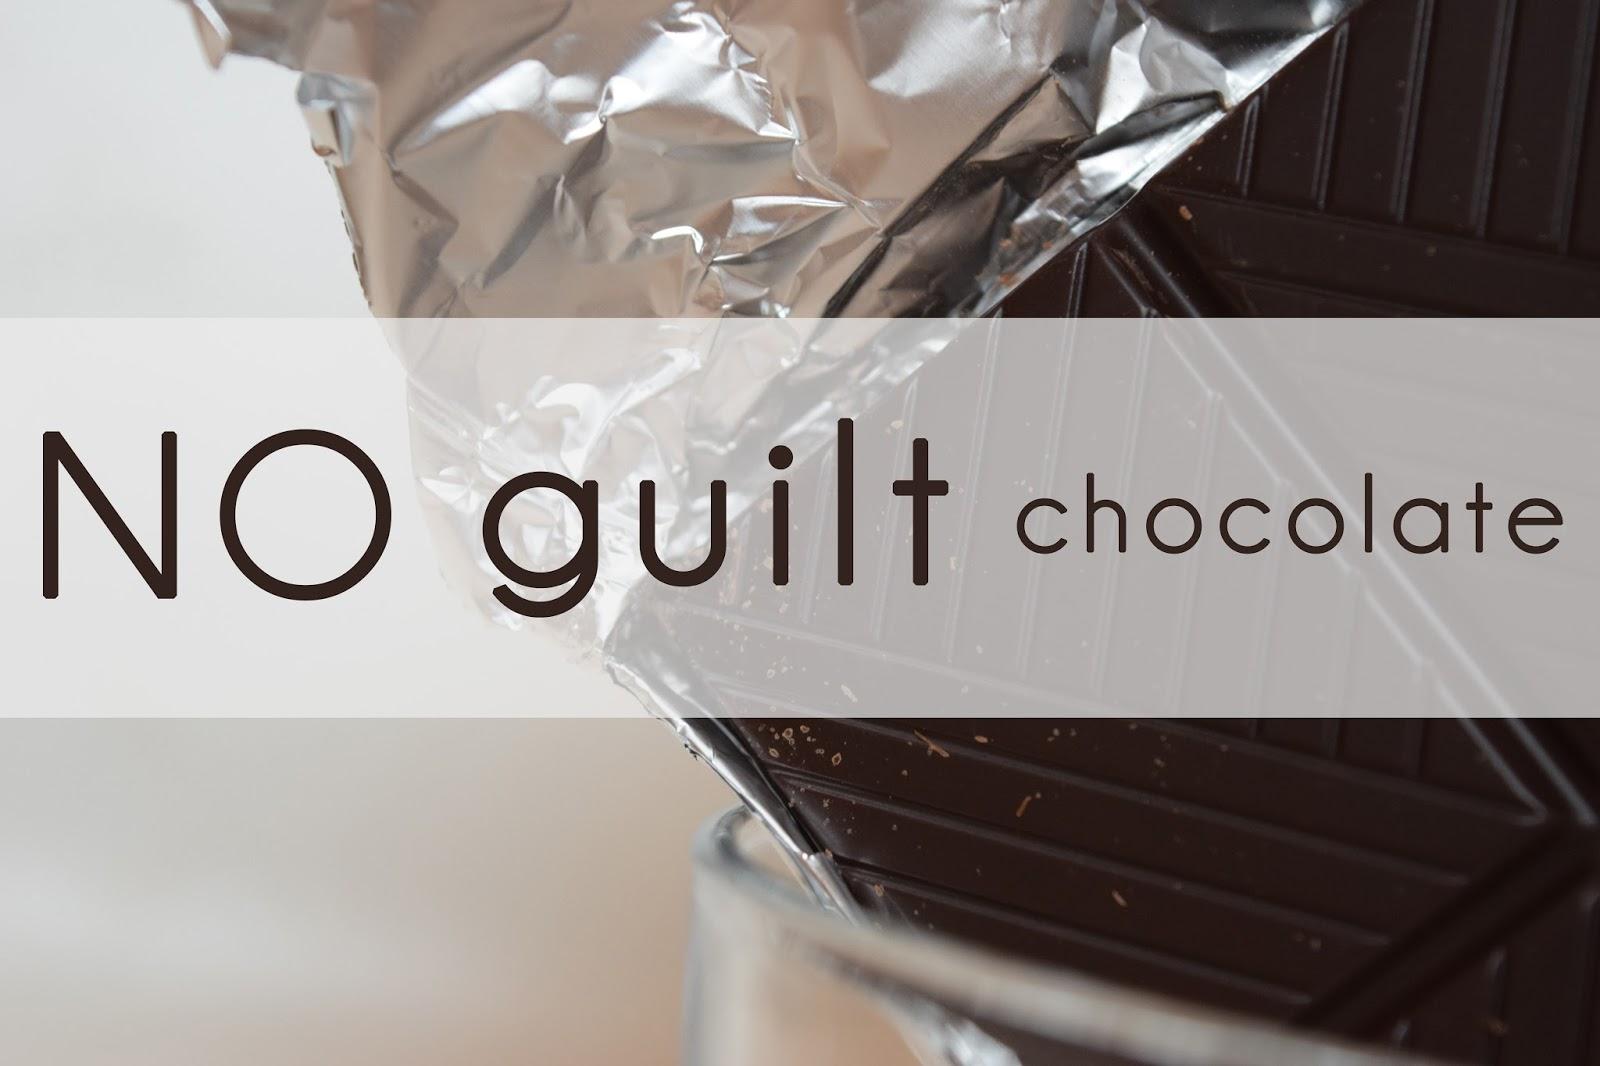 NO guilt chocolate